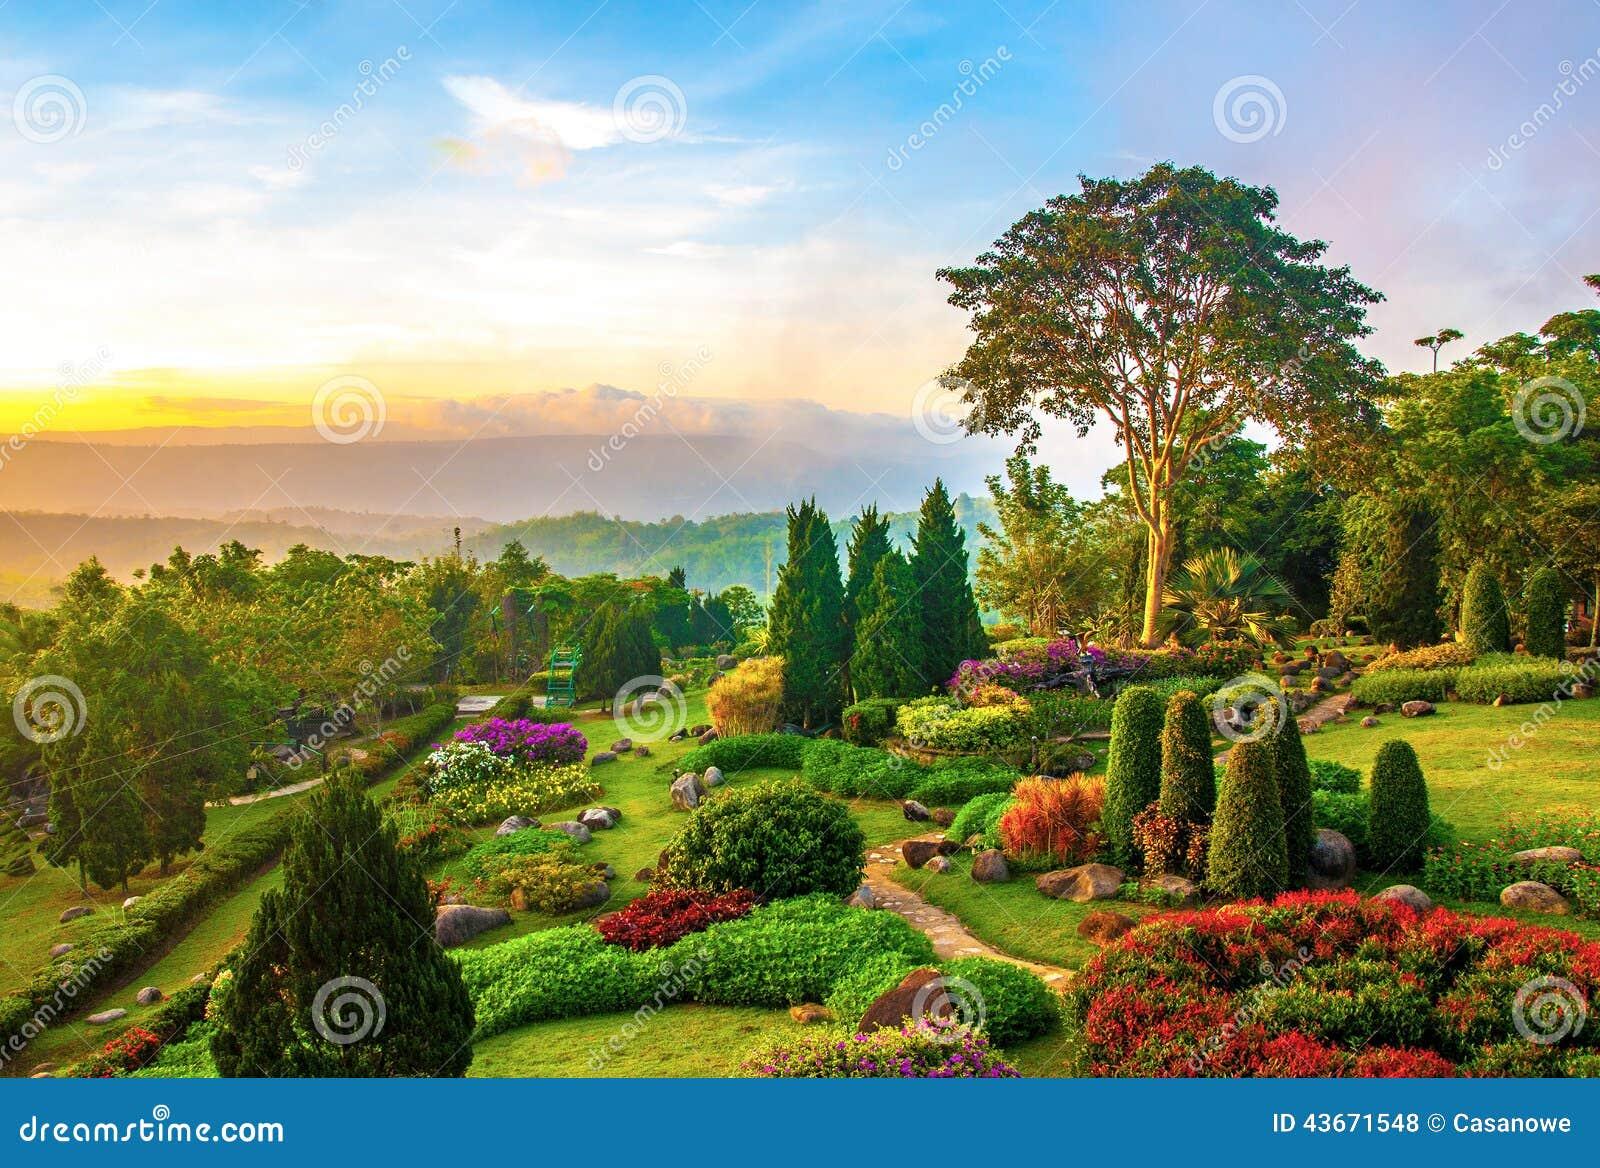 Schöner Garten Von Bunten Blumen Auf Hügel